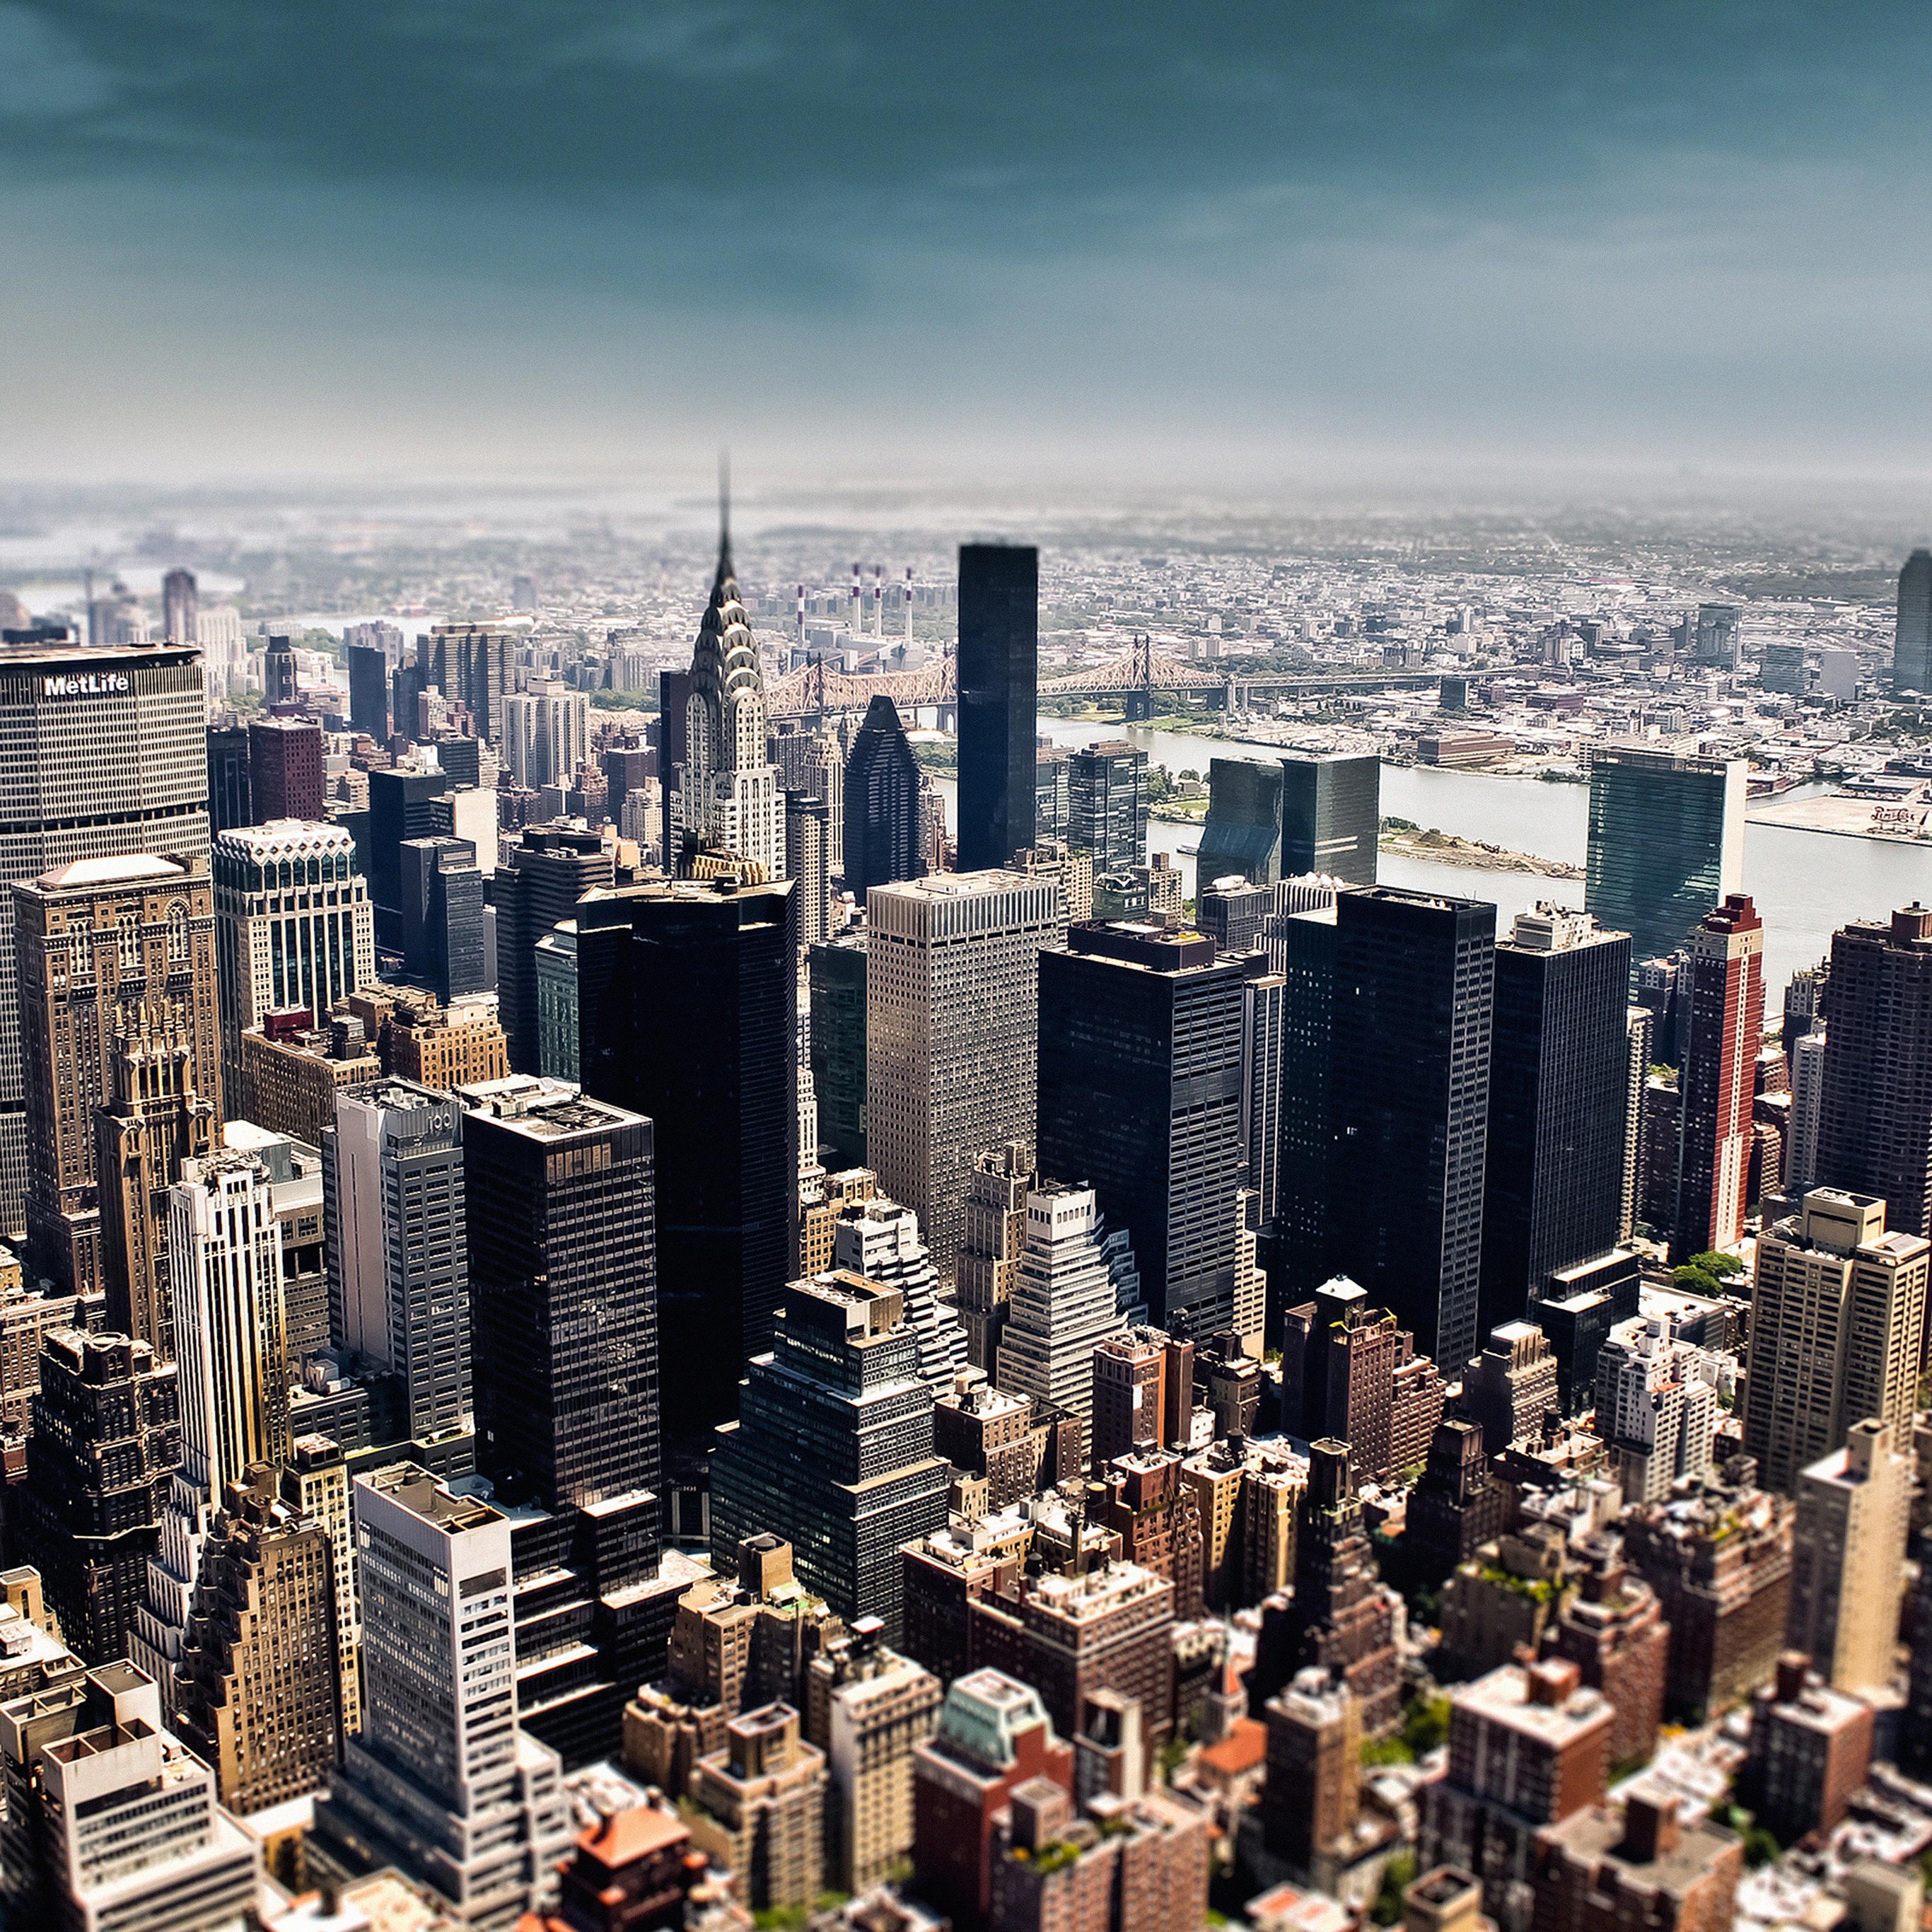 mi03-new-york-sky-tilt-shift-city